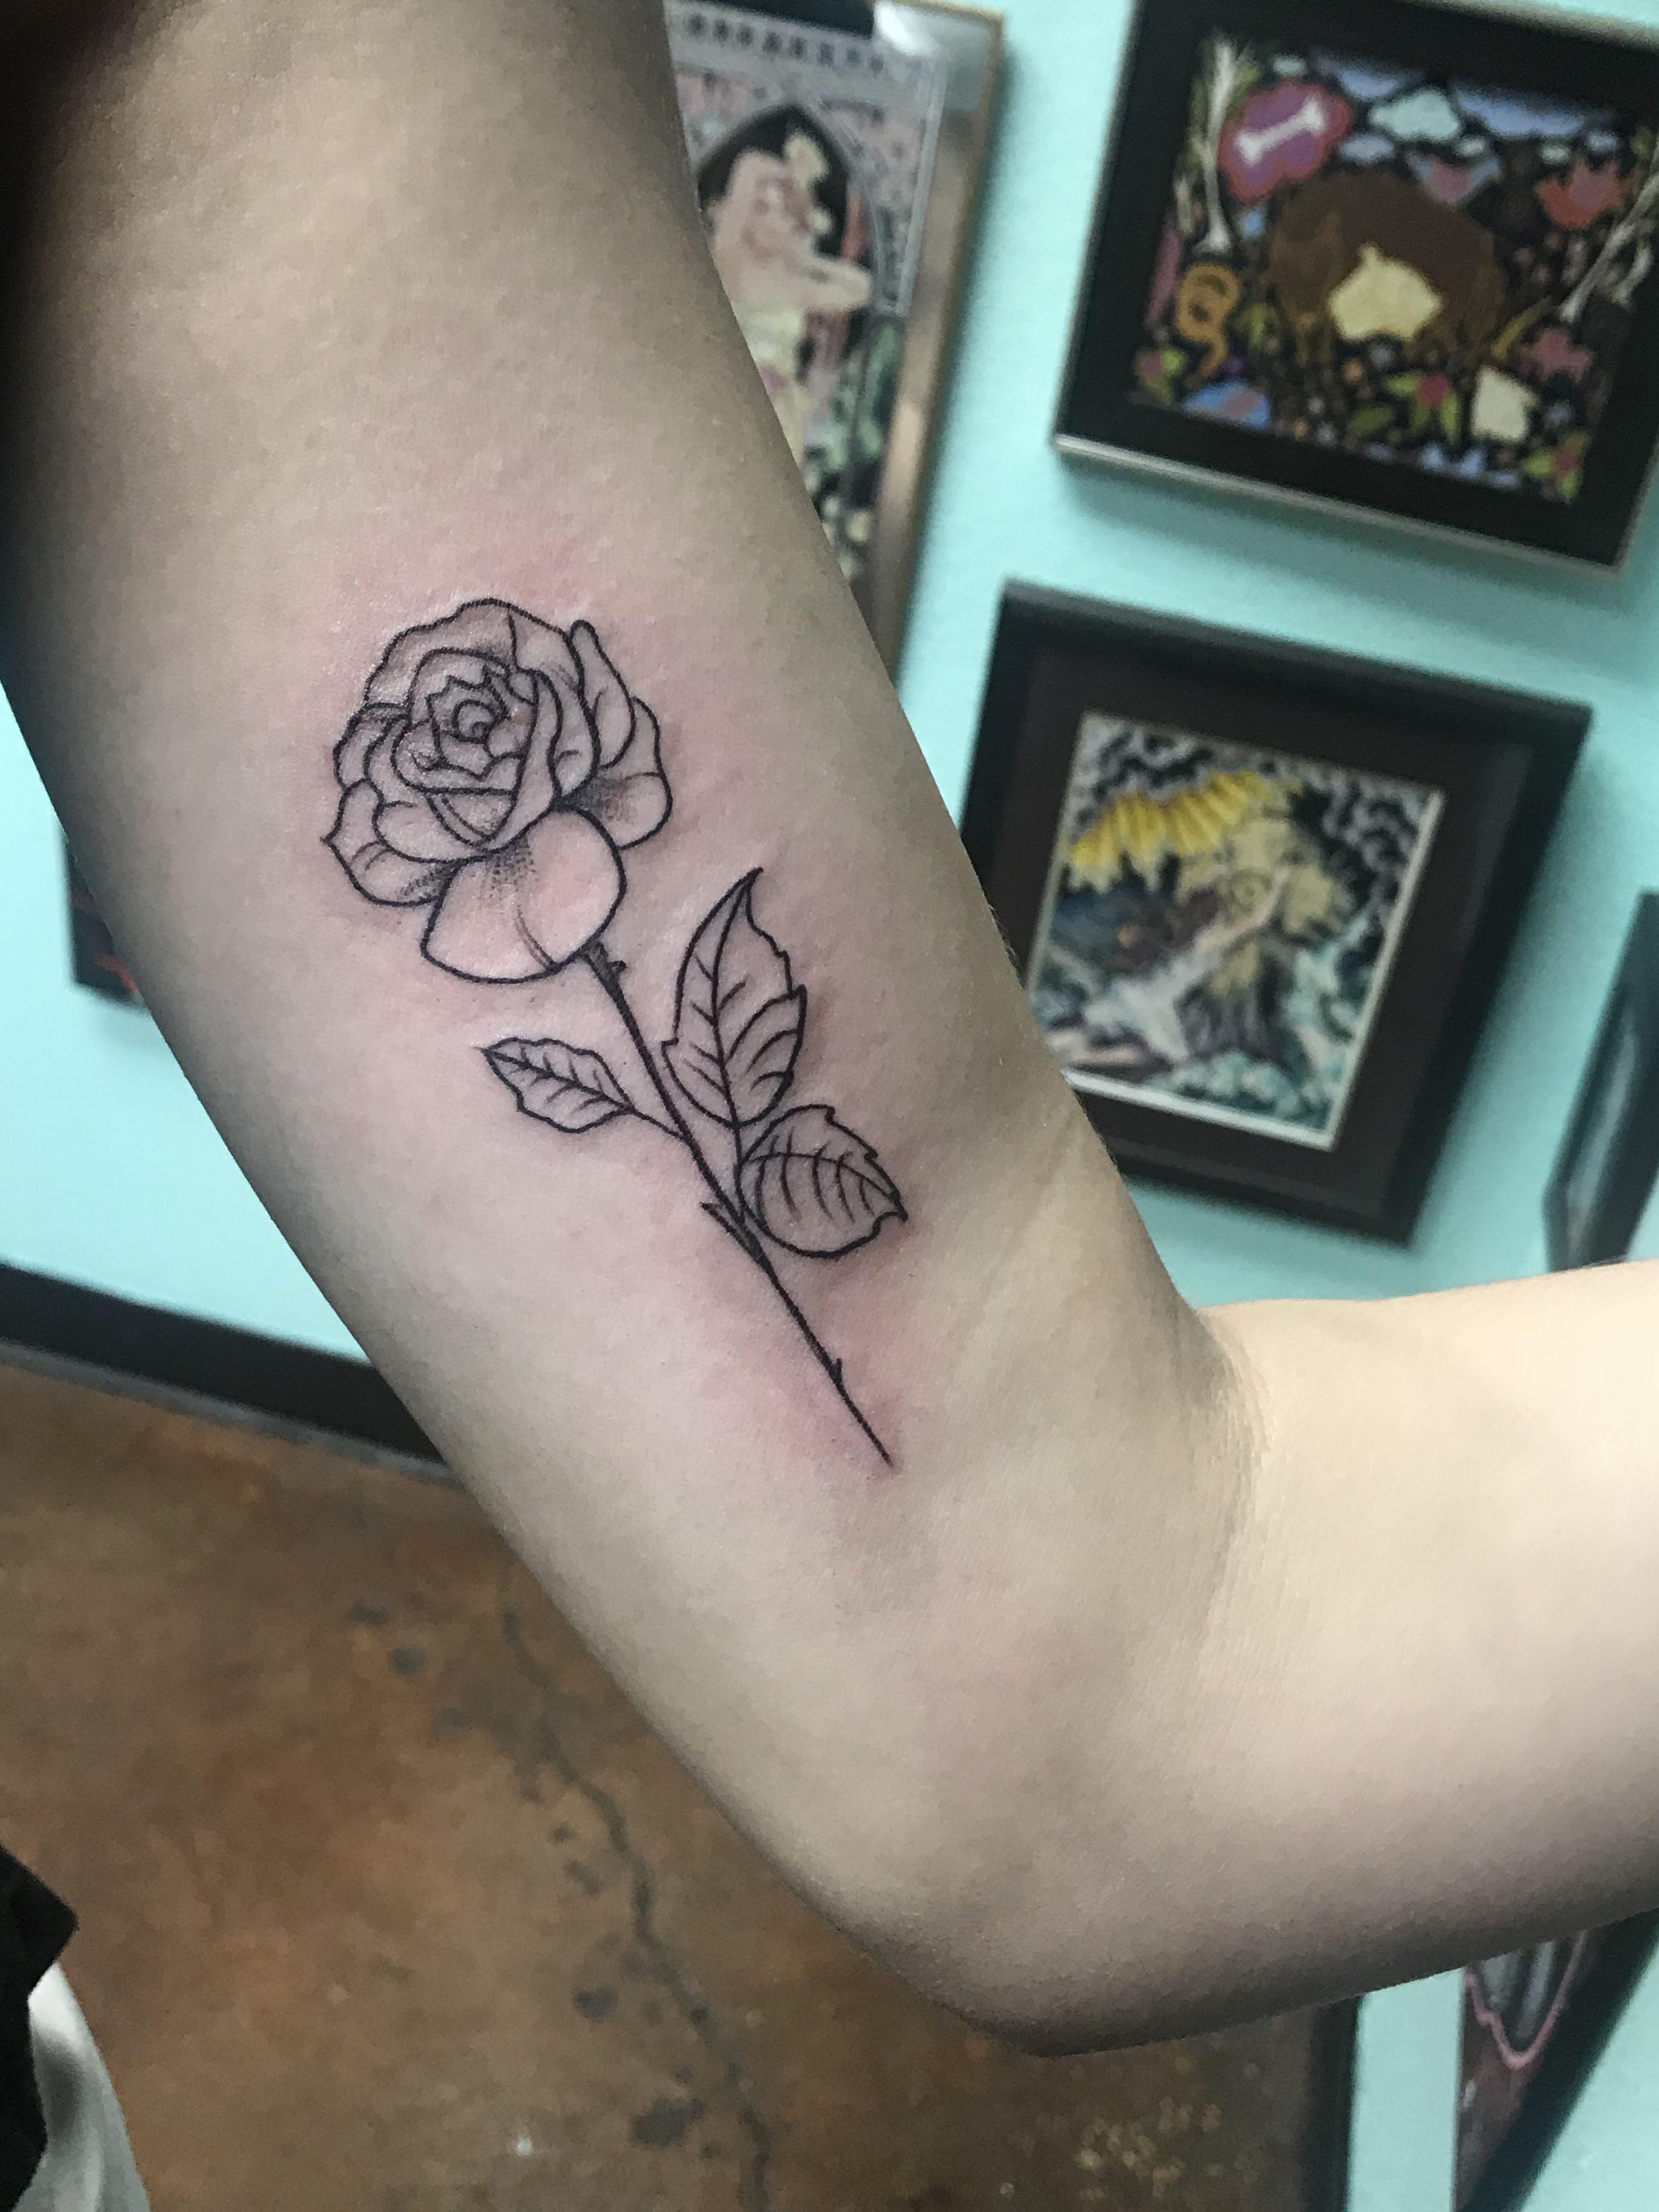 Rose tattoo Arm tattoo Outline tattoo simple rose Simple tattoo